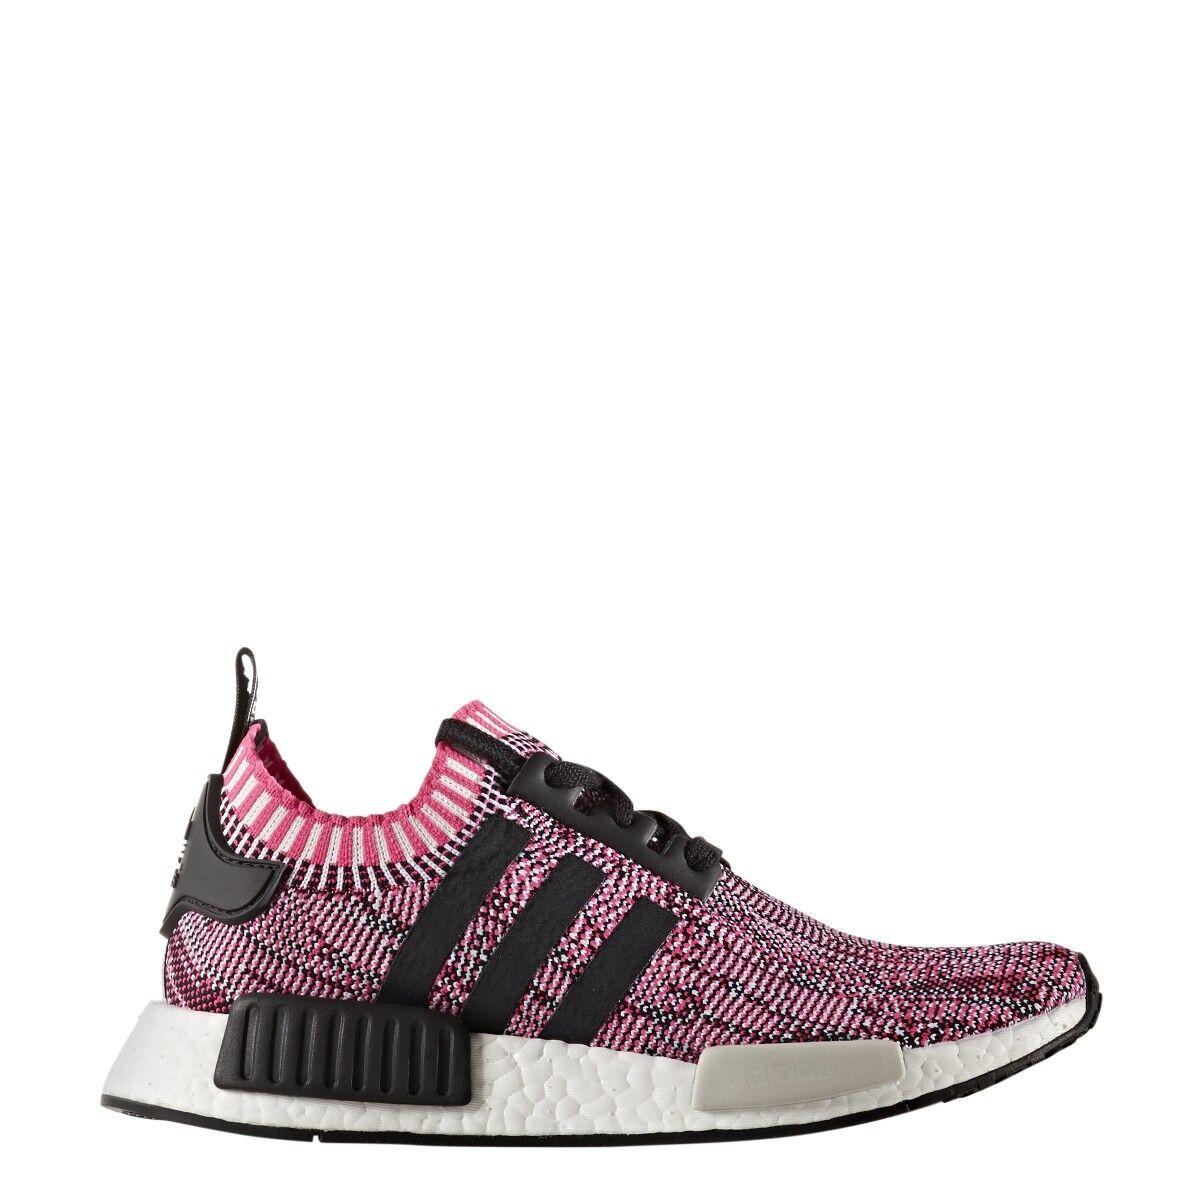 4687c563604eb Adidas Women NMD R1 W W W Primeknit Pink shock core Black footwear  white-BB2363 0a6715